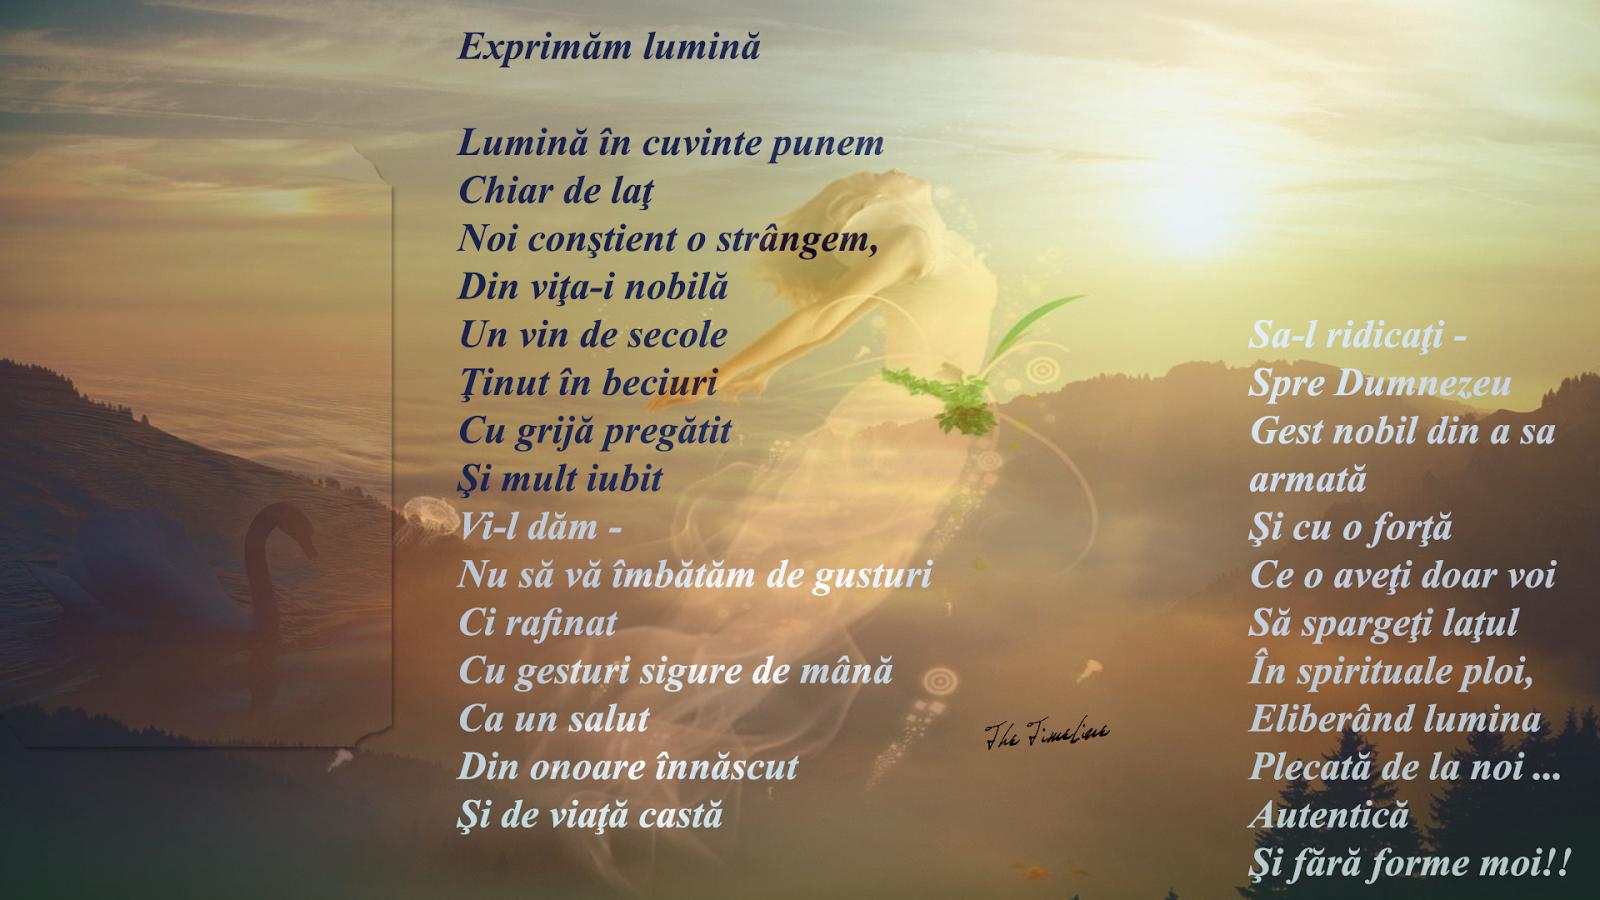 exprimam lumina poezie arta poet filozofie Credinta energie pozitiva vibratie cunoastere constiinta de Sine universala Maria Teodorescu Bahnareanu Wrinkles on my Timeline